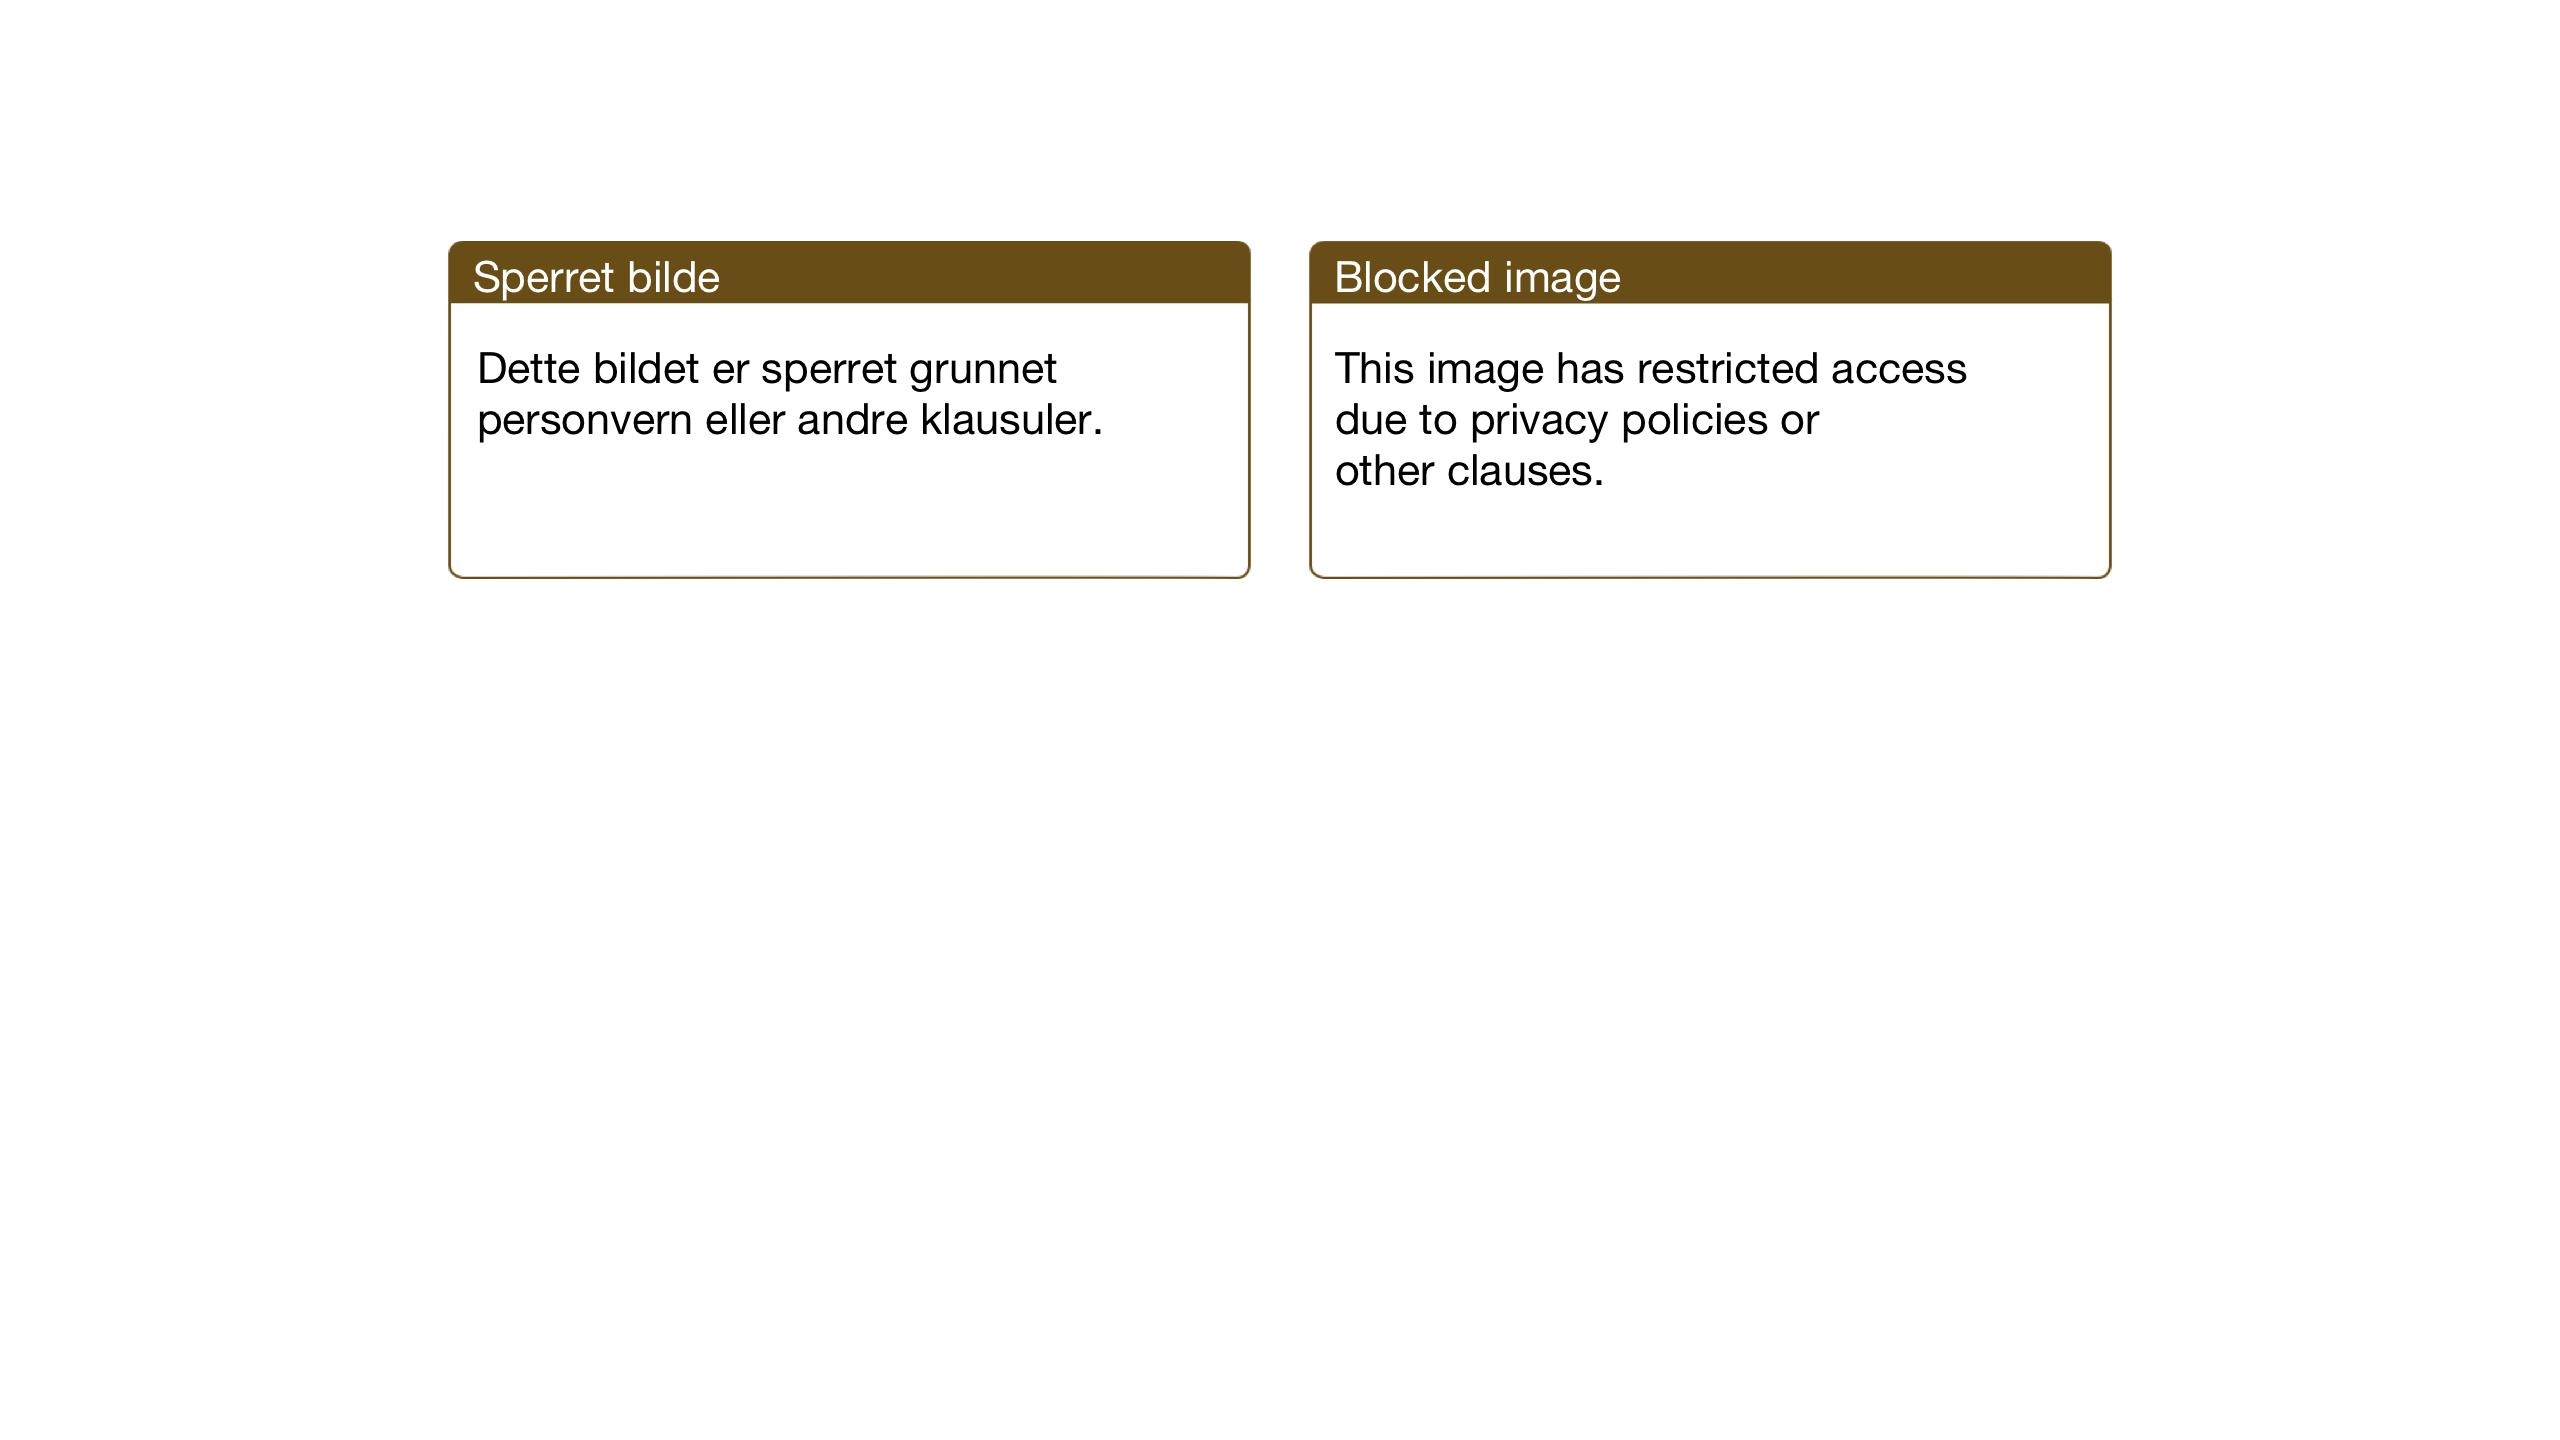 SAT, Ministerialprotokoller, klokkerbøker og fødselsregistre - Nord-Trøndelag, 780/L0654: Klokkerbok nr. 780C06, 1928-1942, s. 31